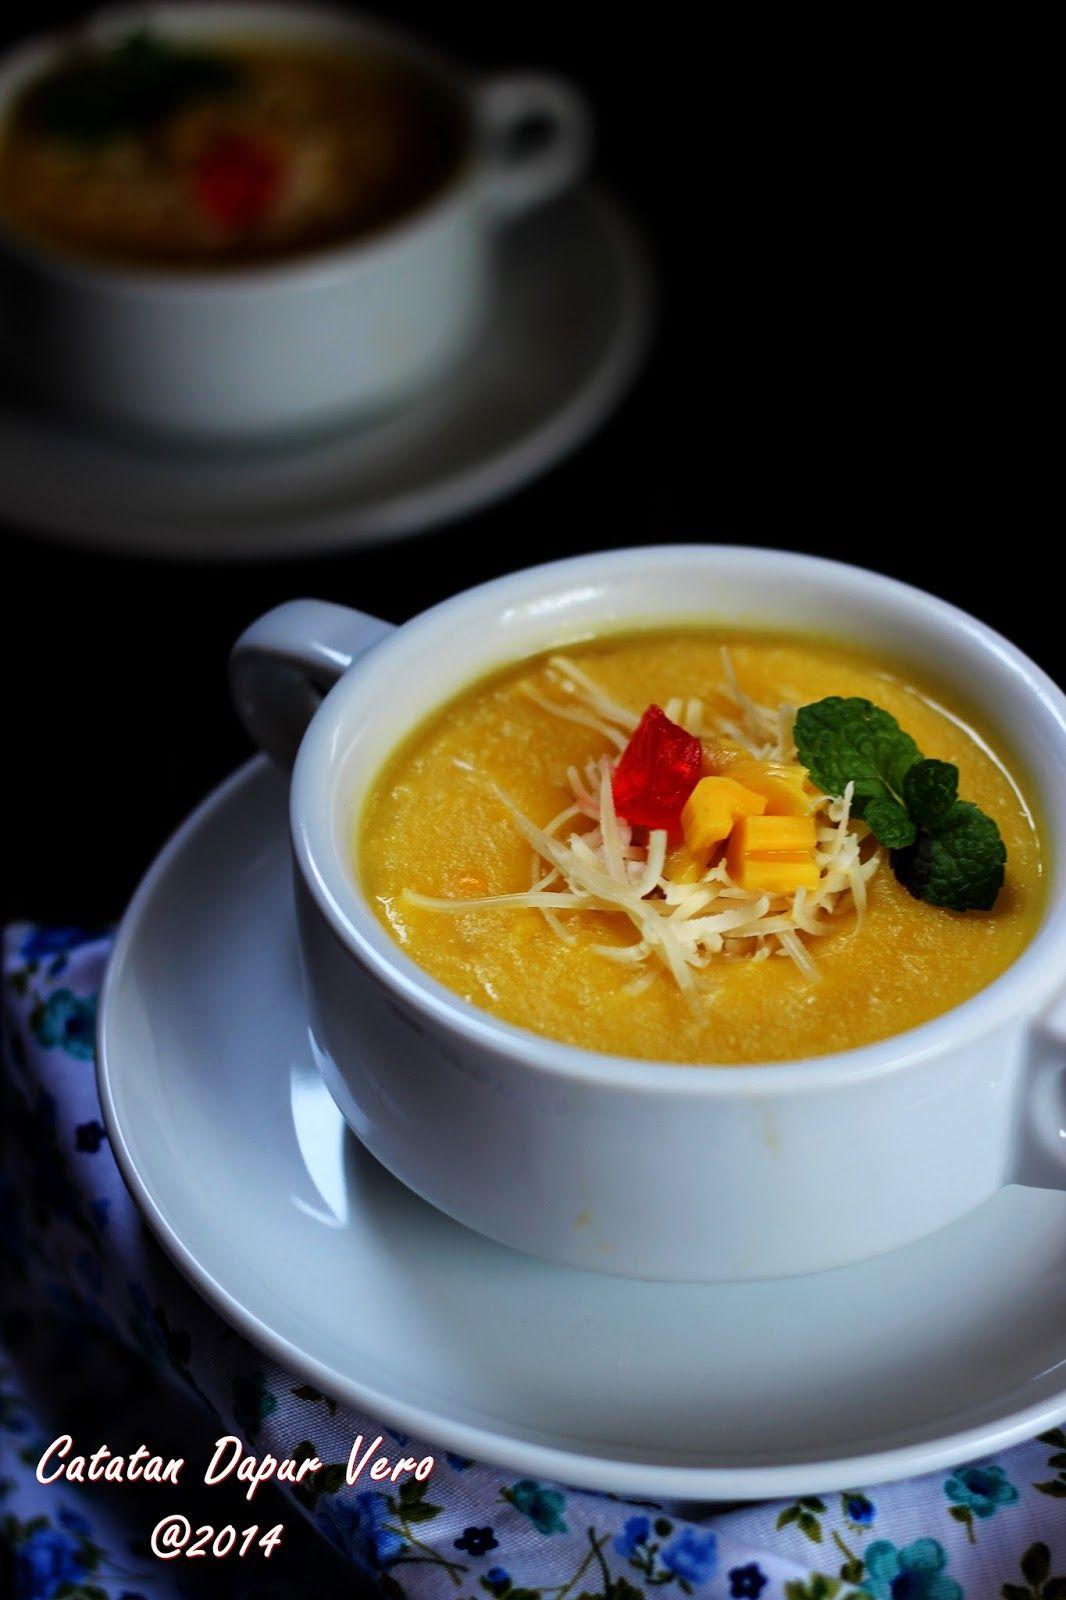 Catatan Dapur Vero Bubur Jagung Manis Keju Resep Makanan Bayi Resep Masakan Indonesia Resep Masakan